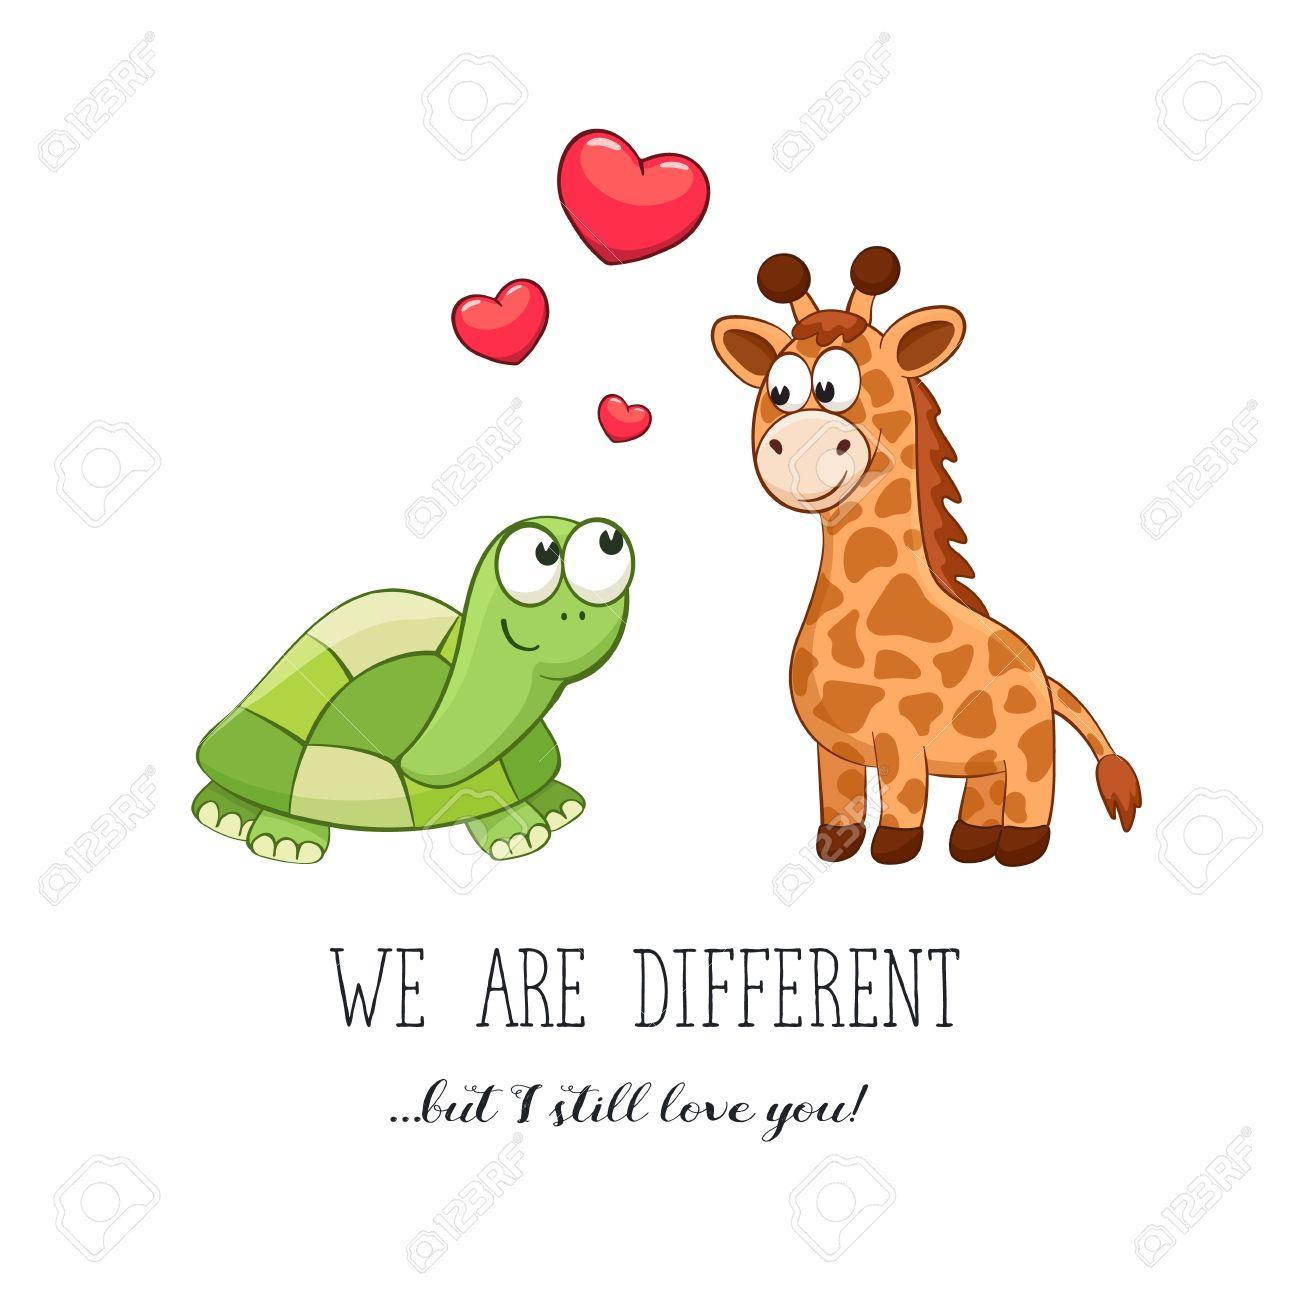 Animales De Dibujos Animados Con El Corazon Da De San Valentin